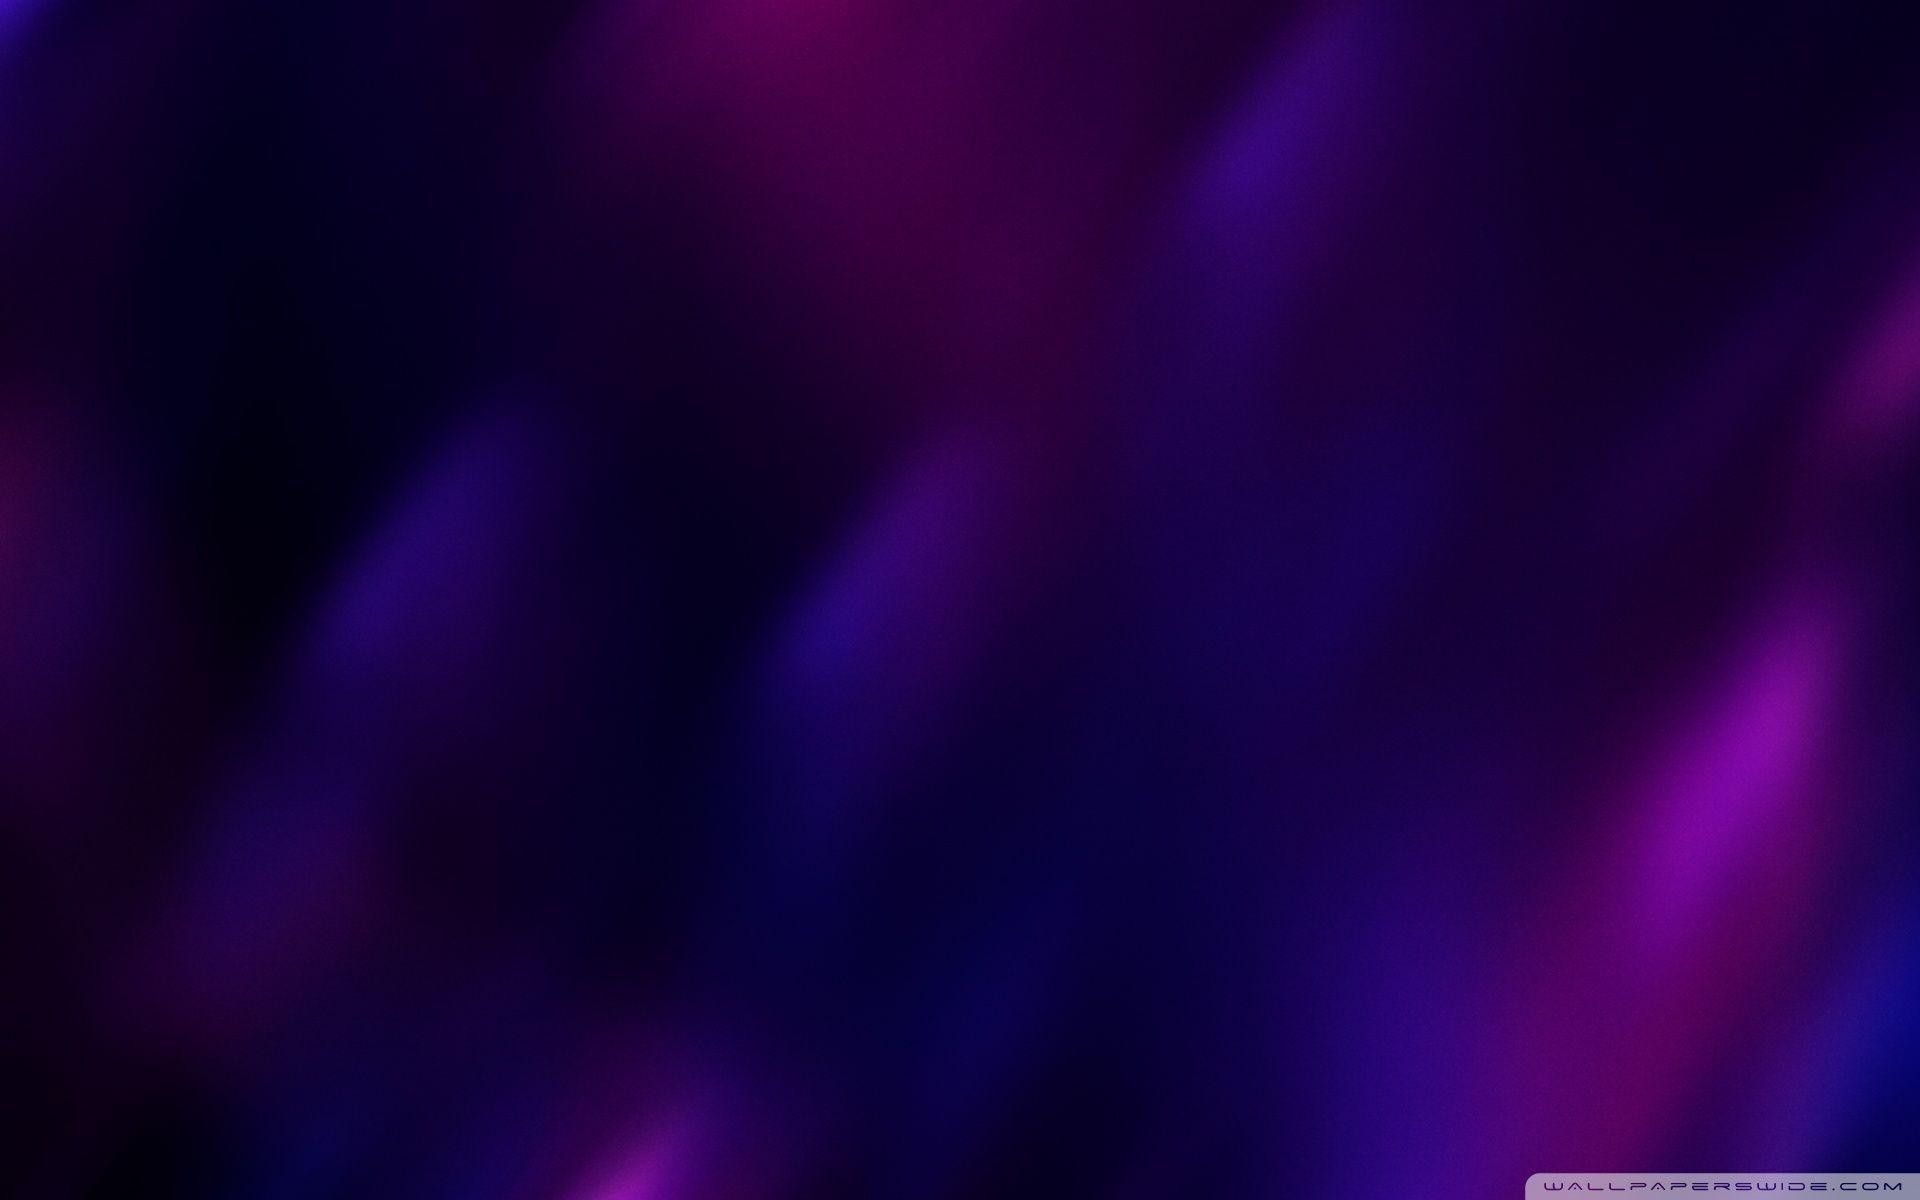 black and purple backgrounds 59 images. Black Bedroom Furniture Sets. Home Design Ideas